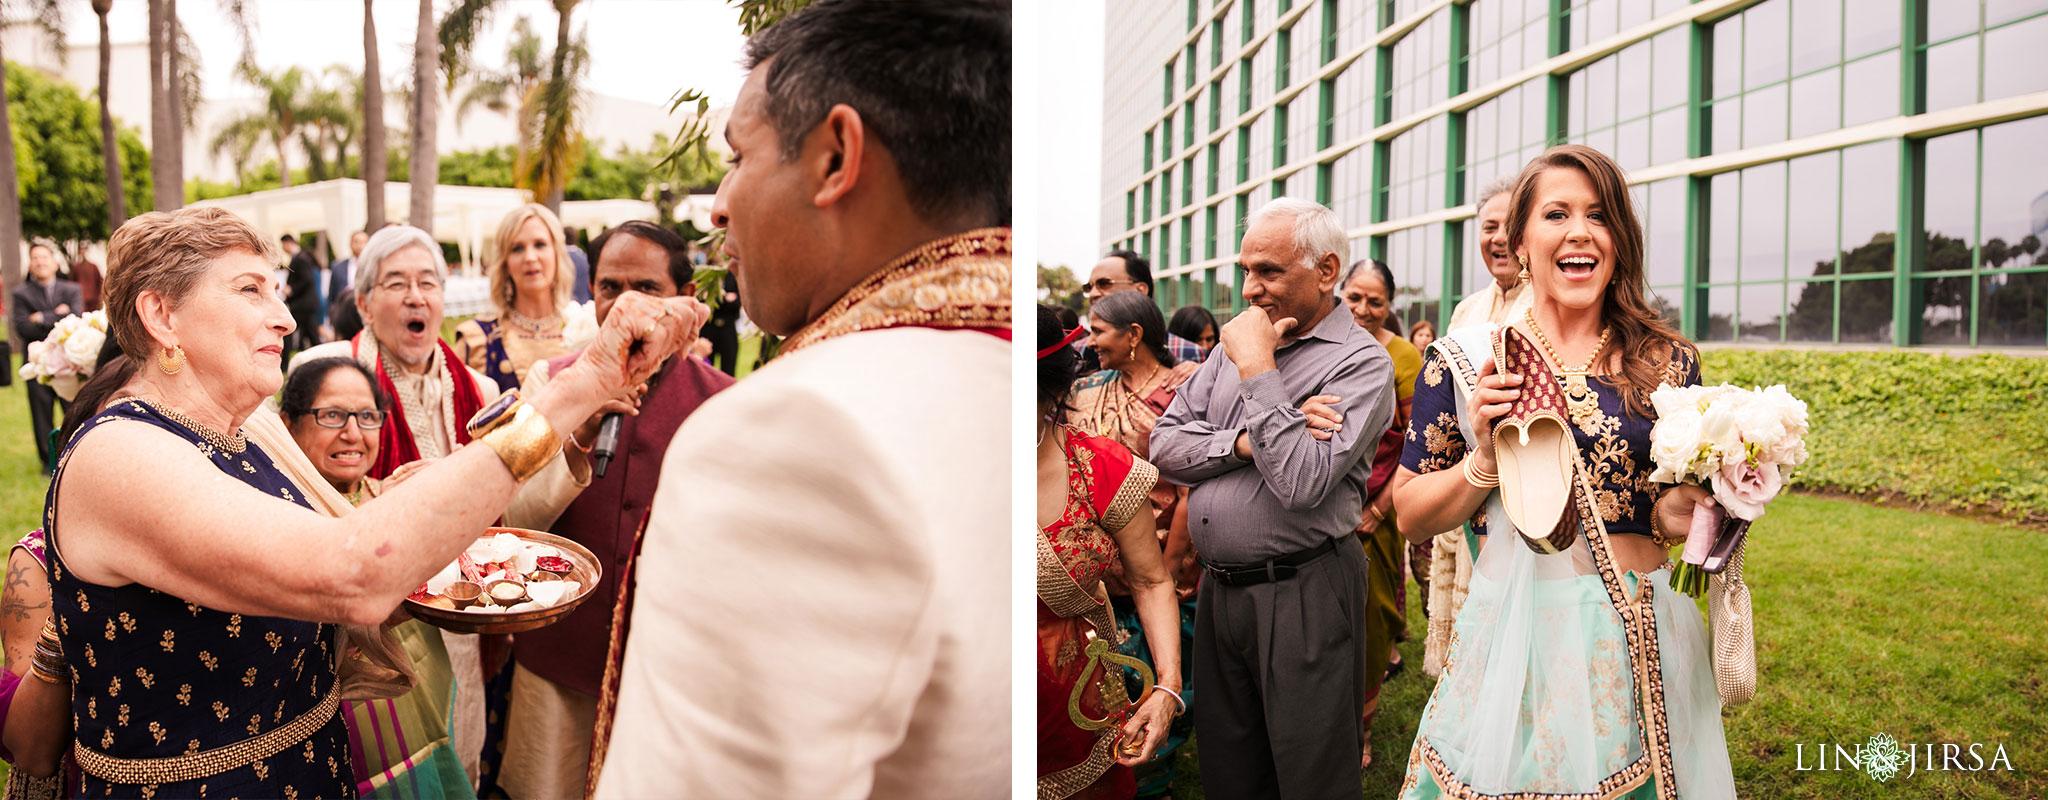 15 Hyatt Long Beach Indian Wedding Photography